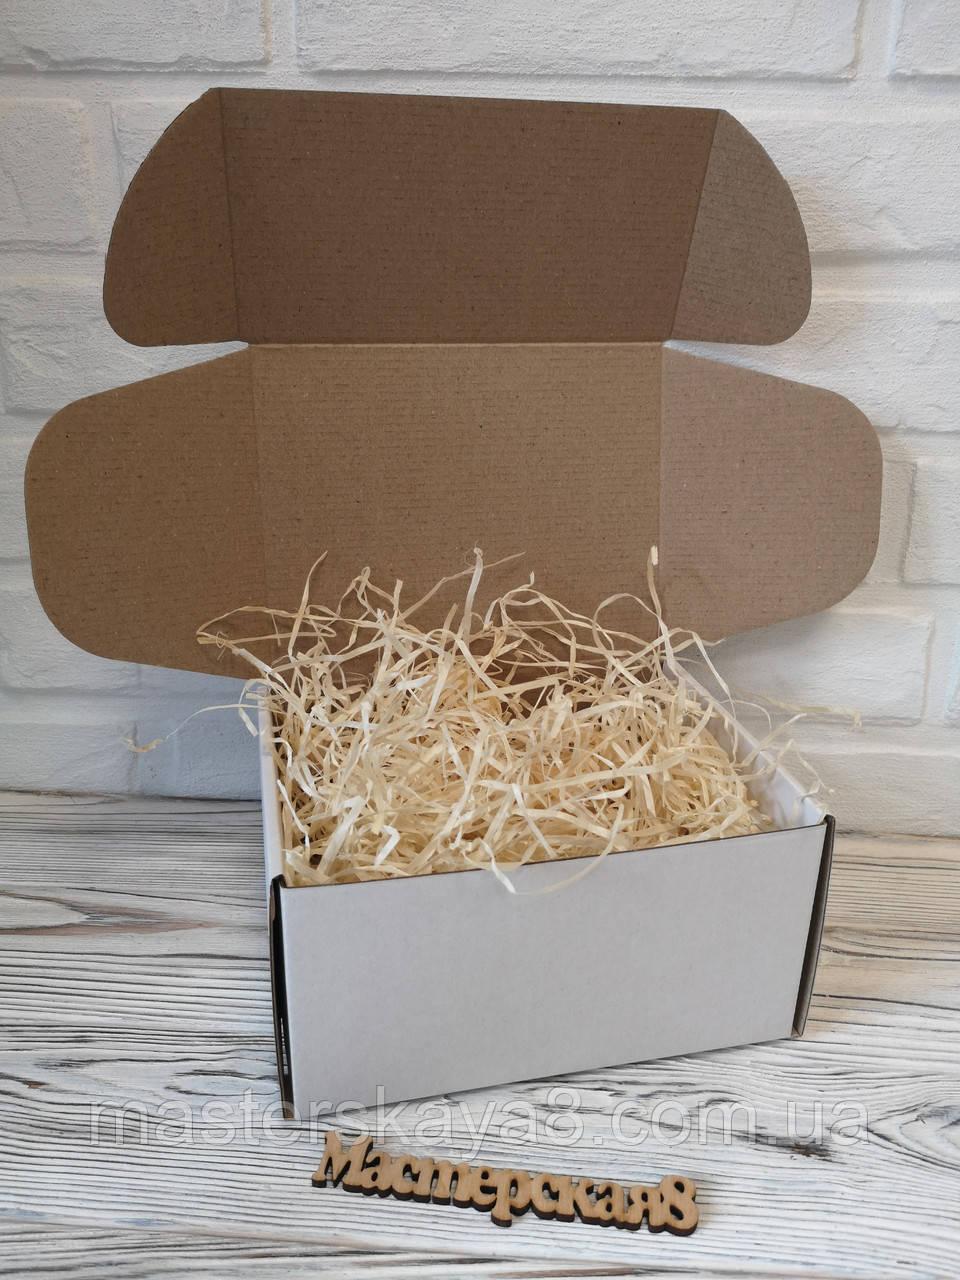 Подарункова коробка біла 205 х 205 х 125 мм з декоративною дерев'яною стружкою